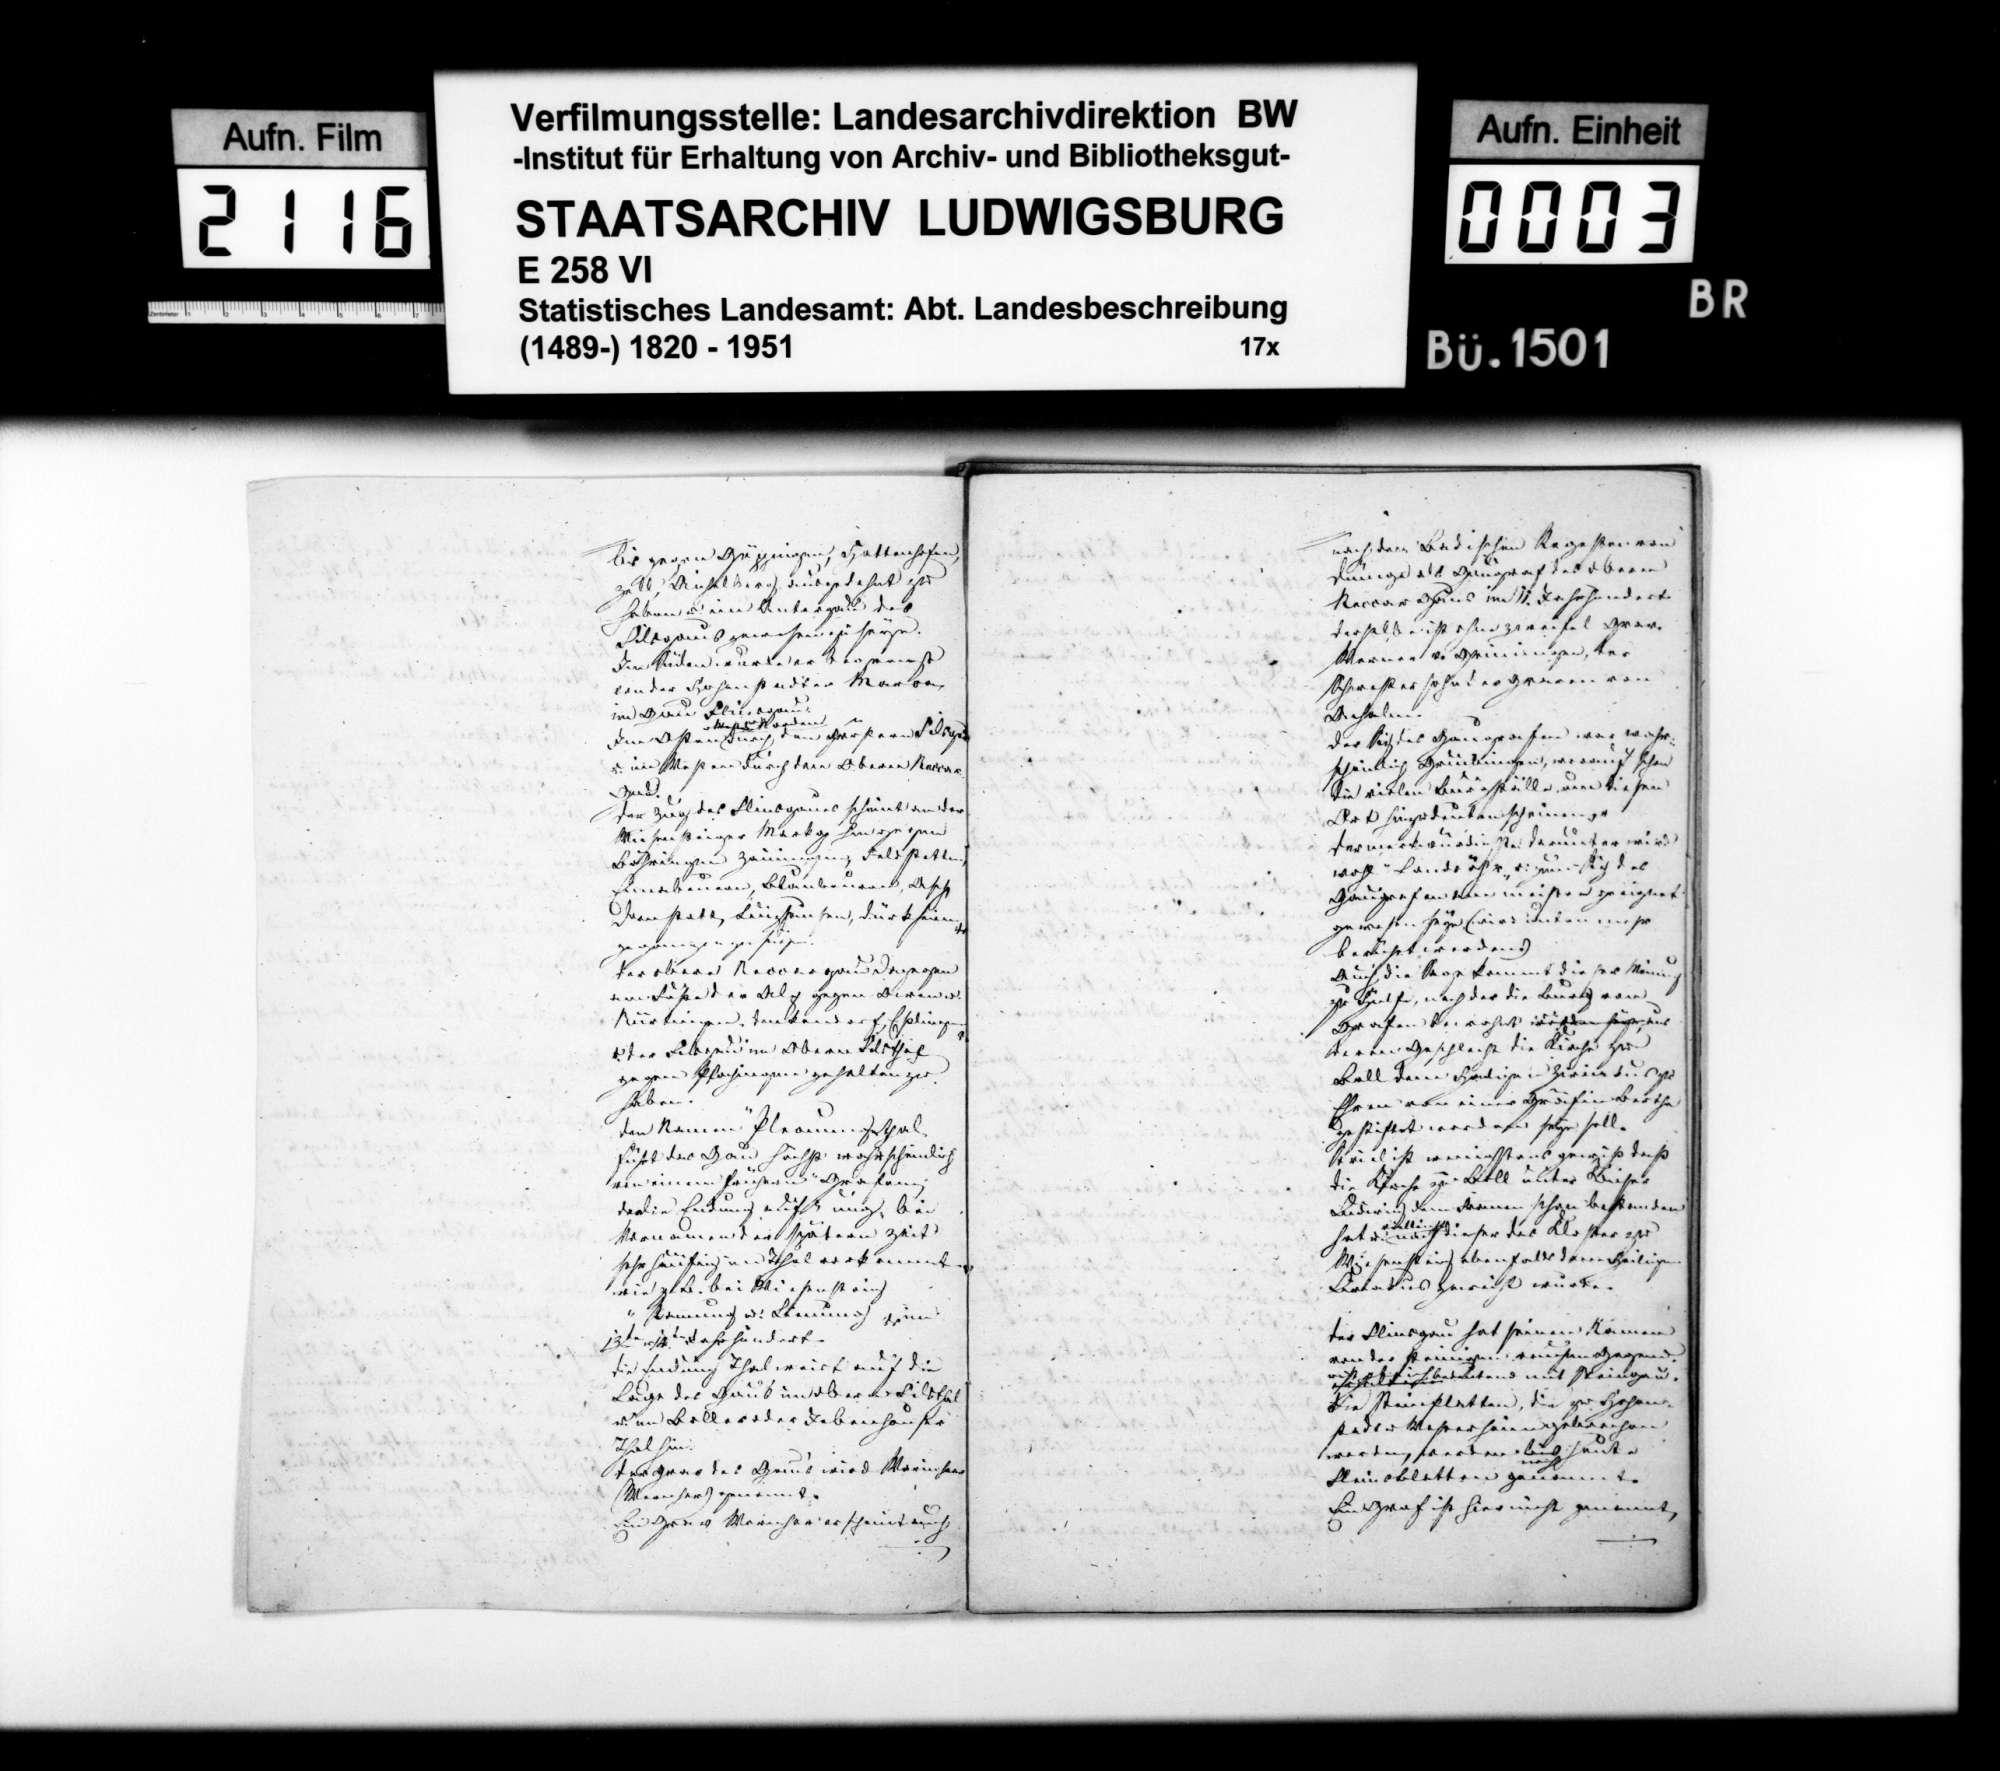 Beschreibung des Gebiets der vormaligen Herrschaft Wiesensteig durch den Steuerkommissär Steinheil, gewesenen Kameralamtsbuchhalter in Wiesensteig, Bild 2